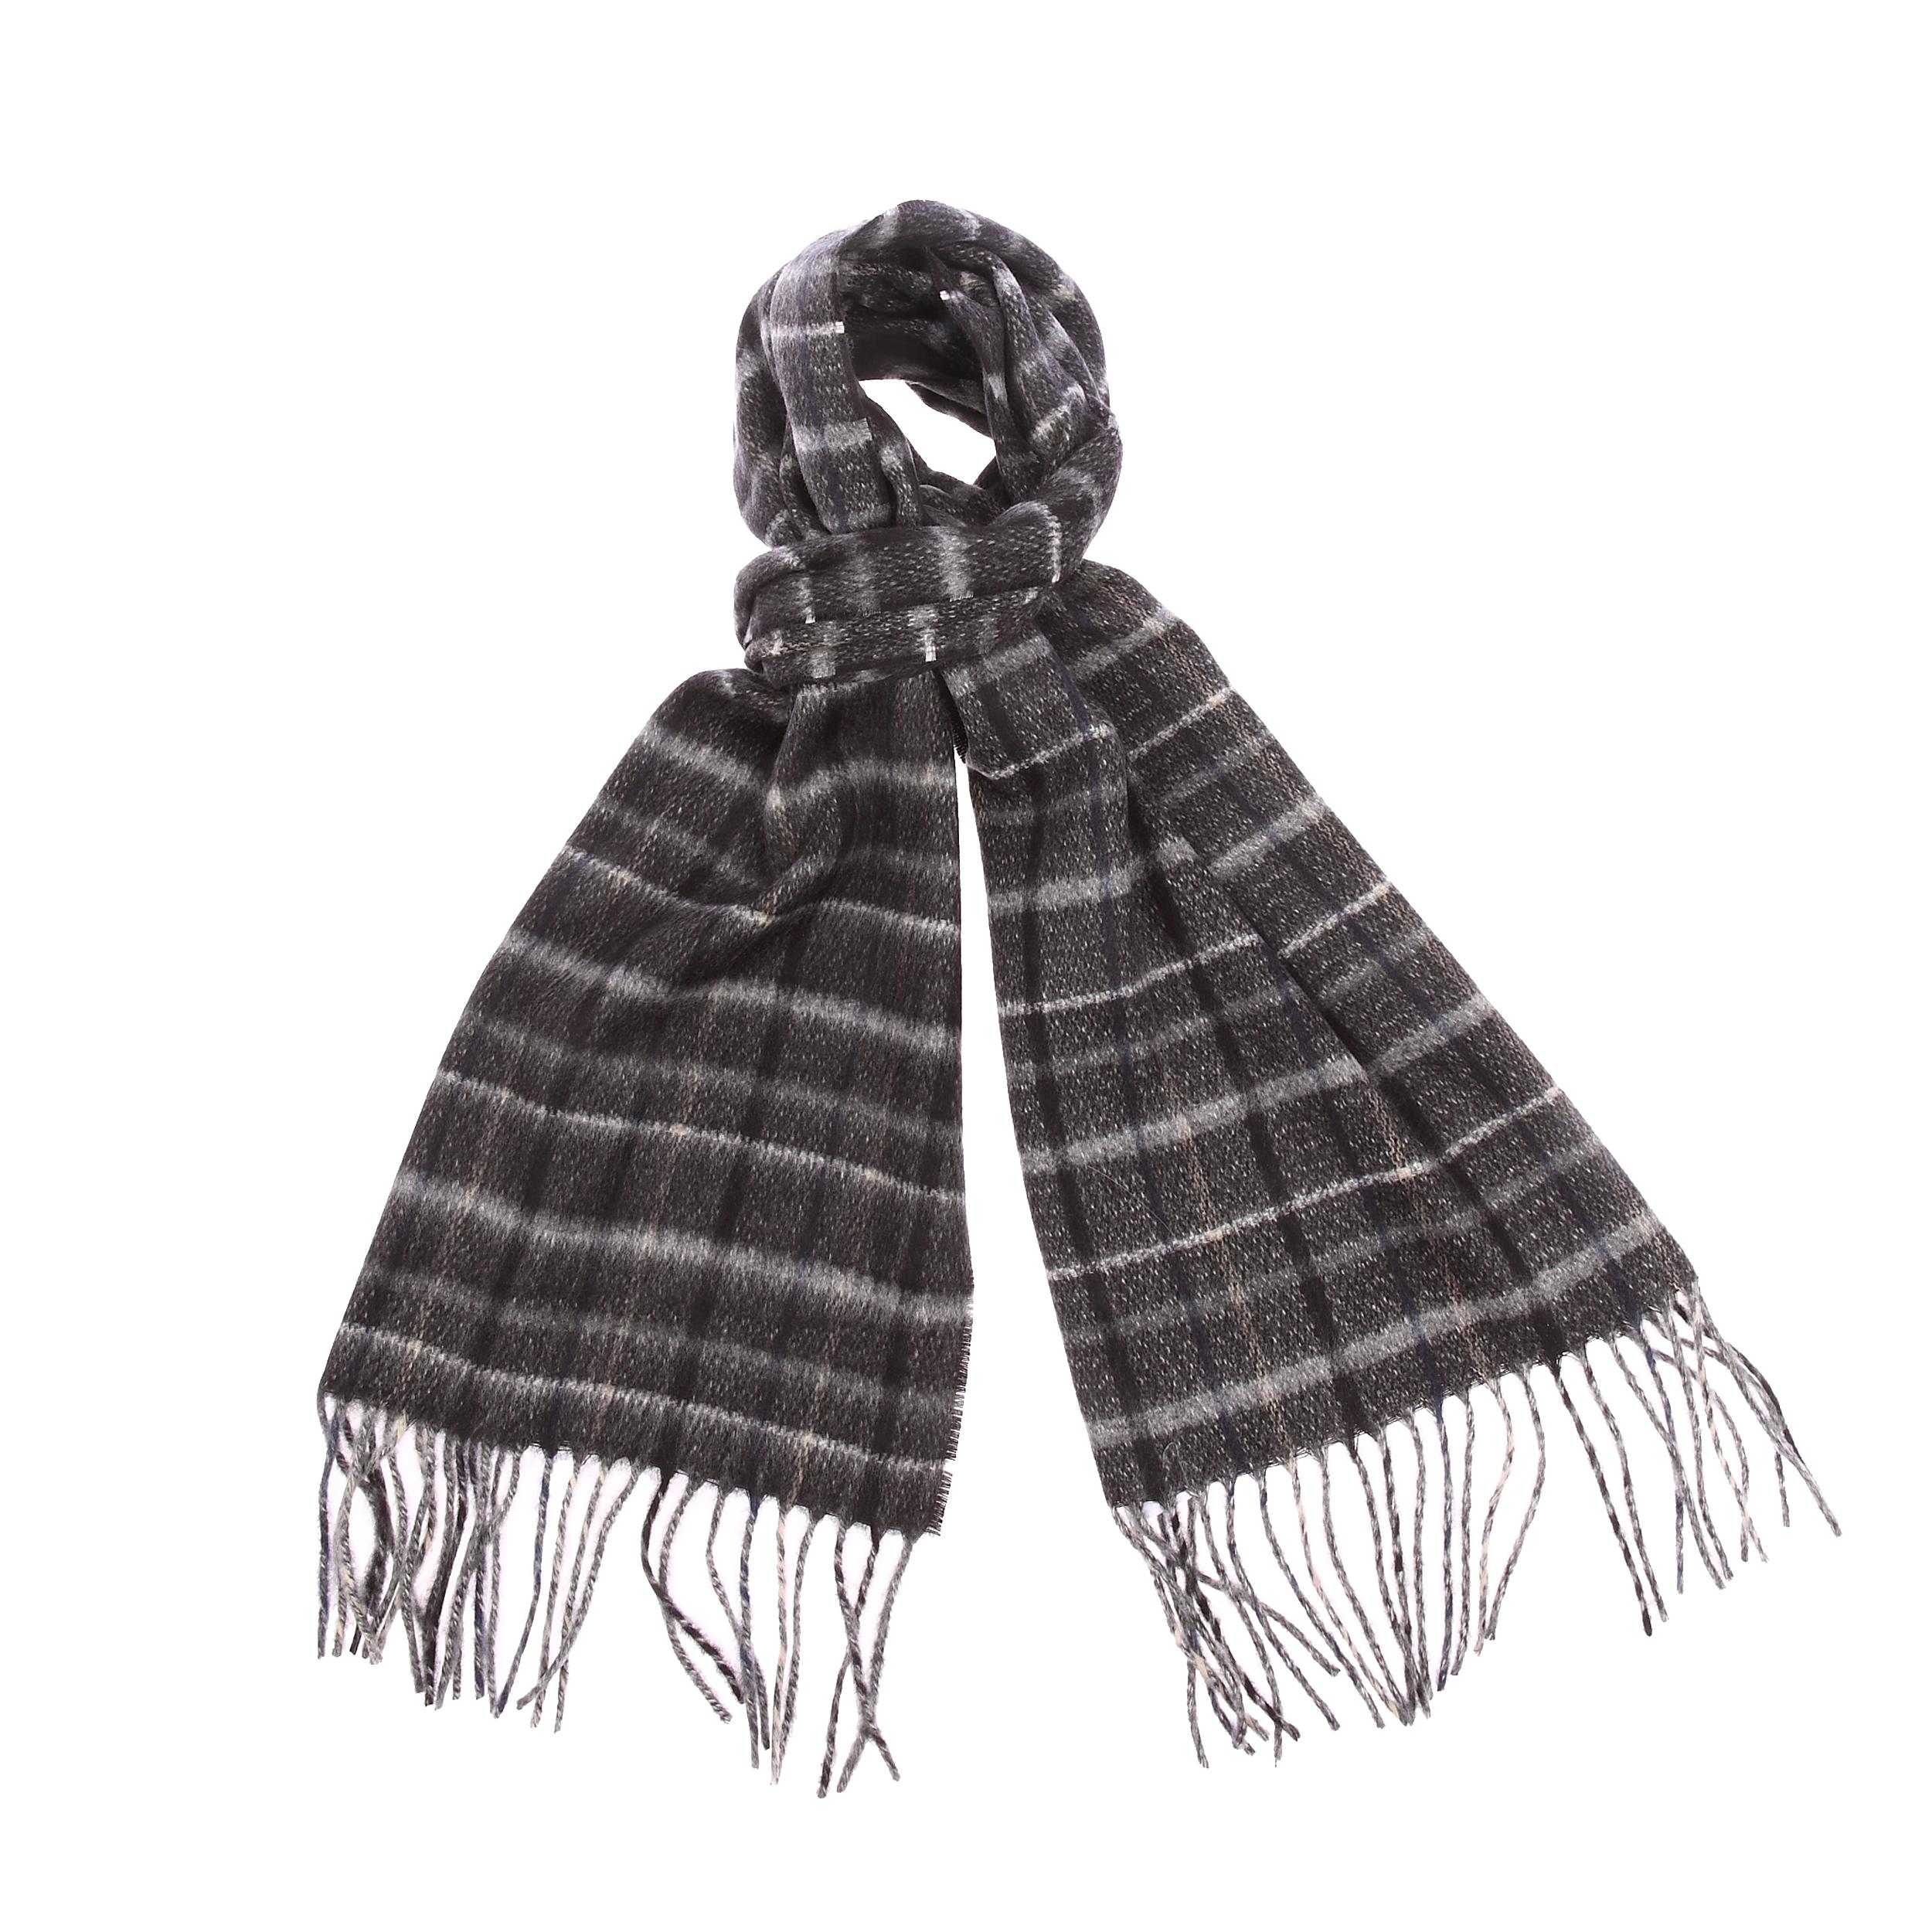 Echarpe douce jean chatel à carreaux noirs, gris clair, gris foncé, bleu foncé et ocre